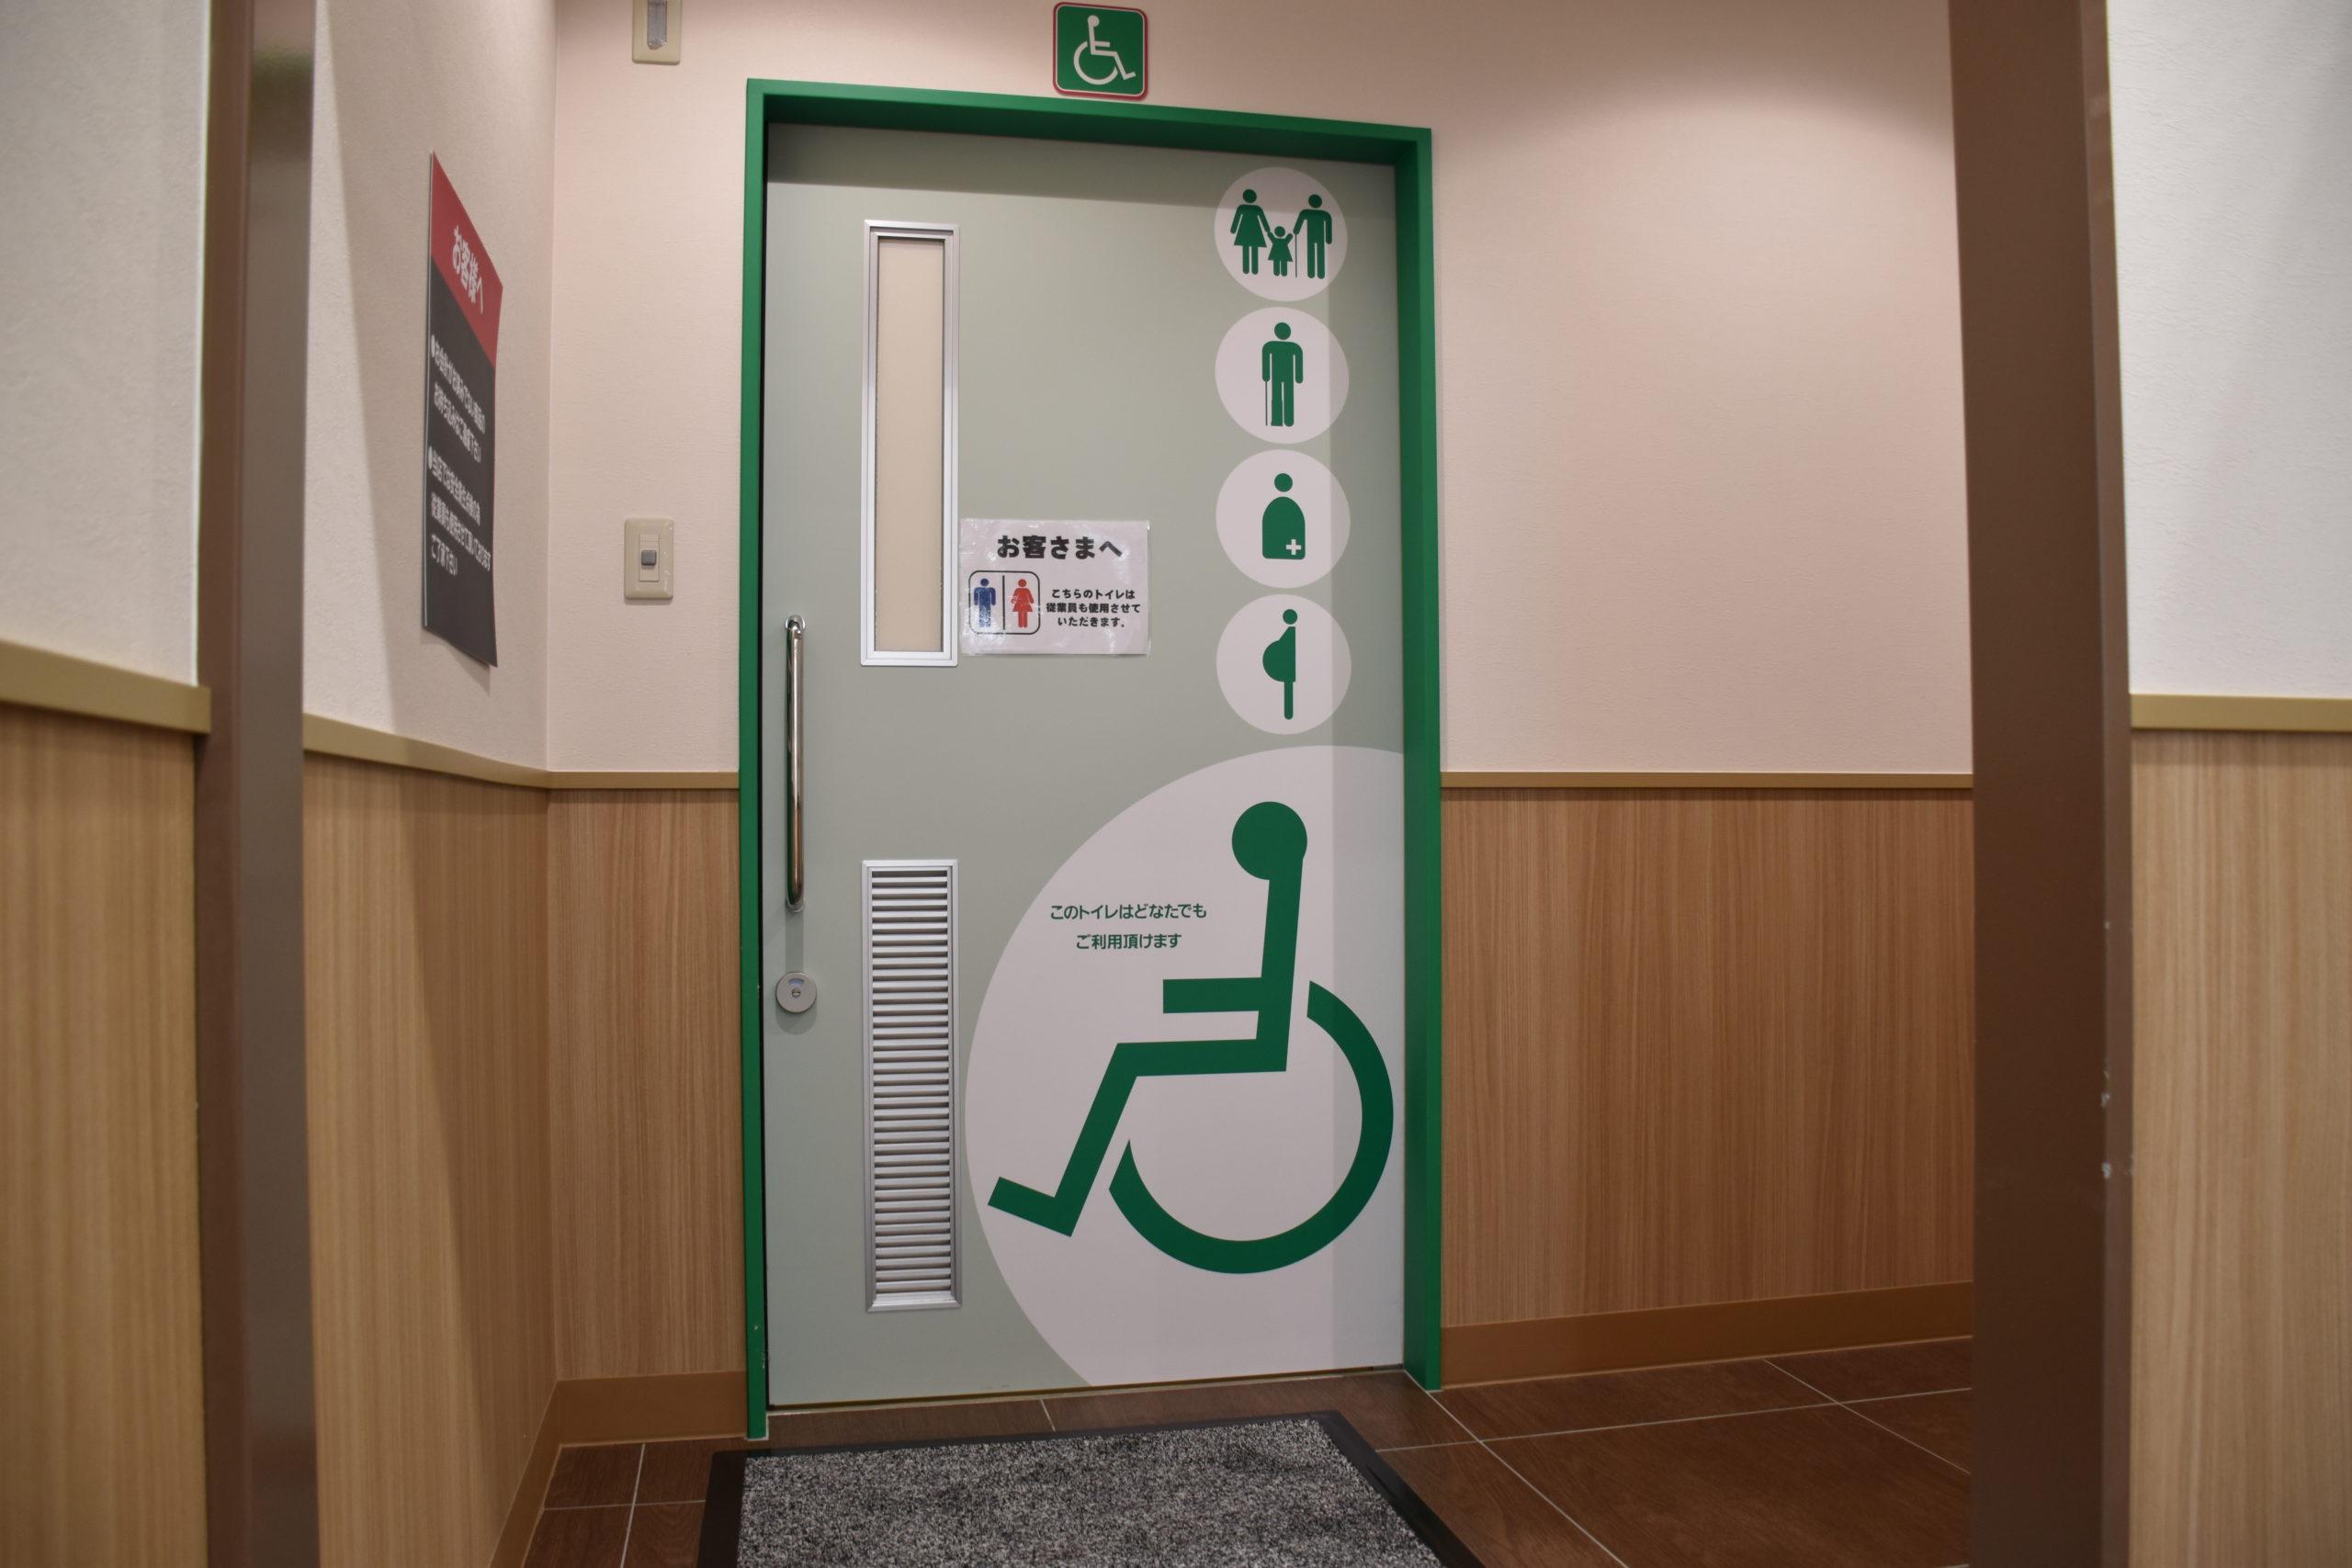 マックスバリュ海田店 多目的トイレ 入口 右引き扉